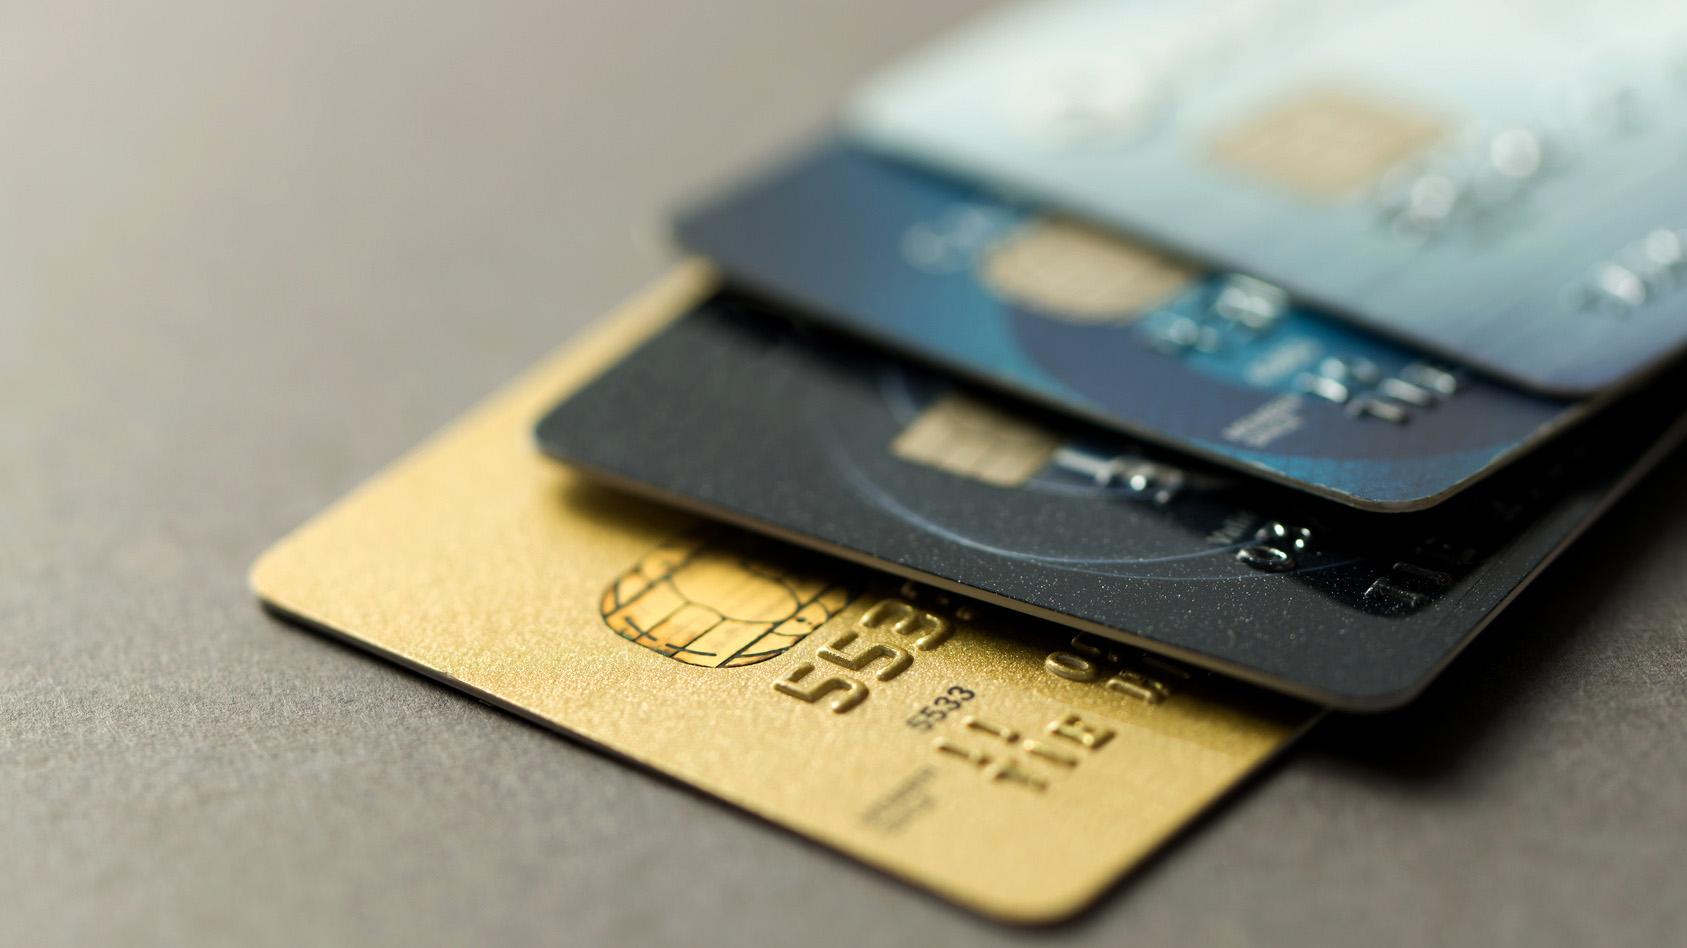 Carte bancaire haut de gamme de r els avantages for Refrigerateur haut de gamme